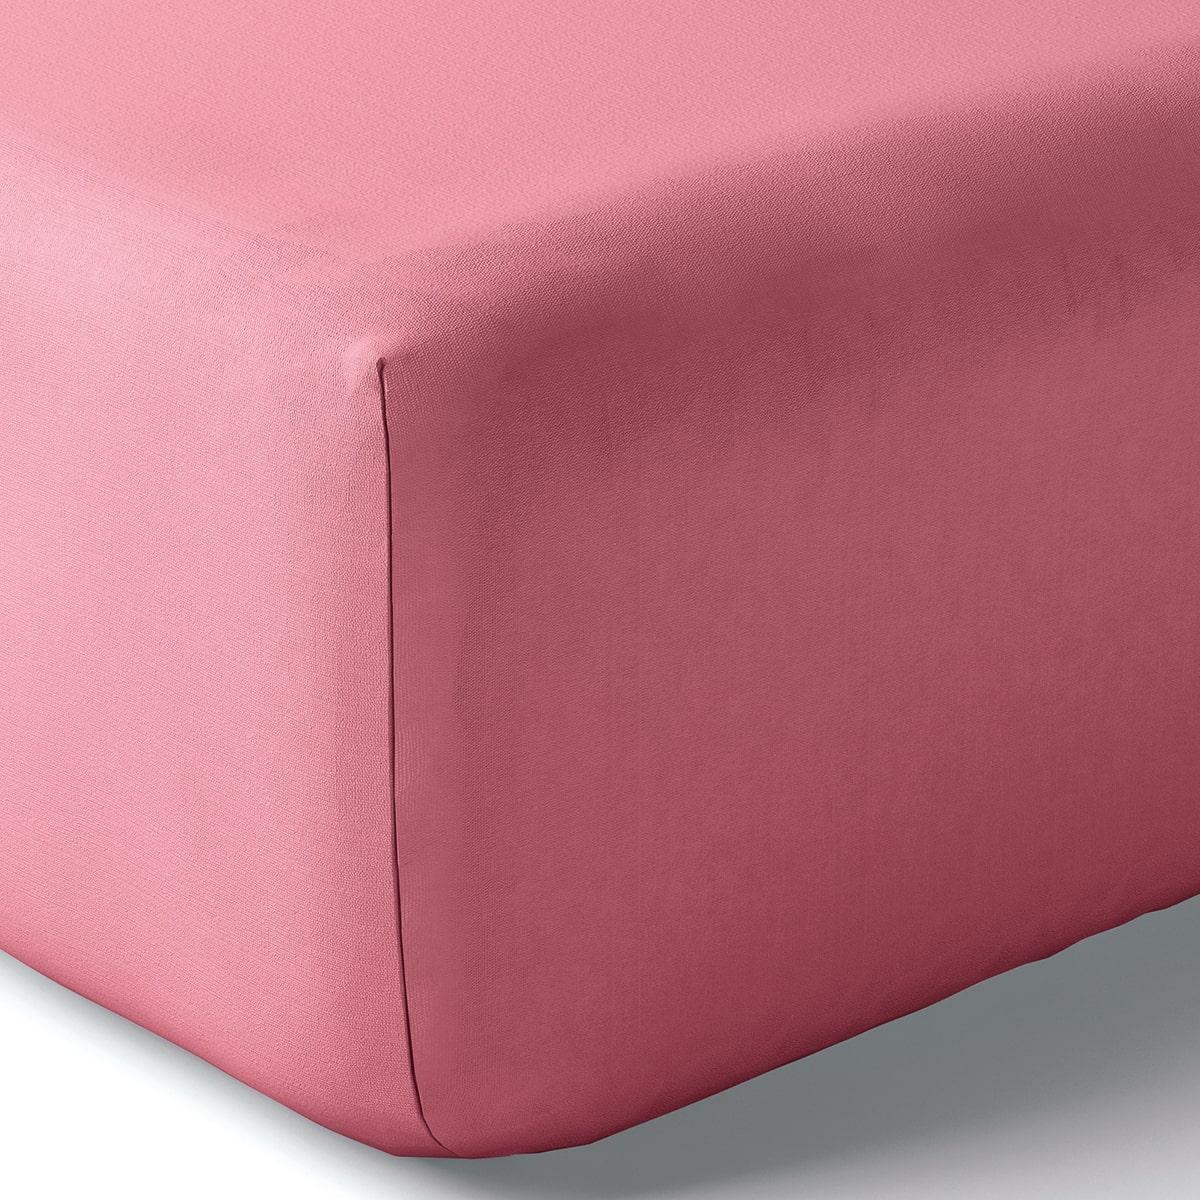 Drap housse coton 180x200 cm pivoine